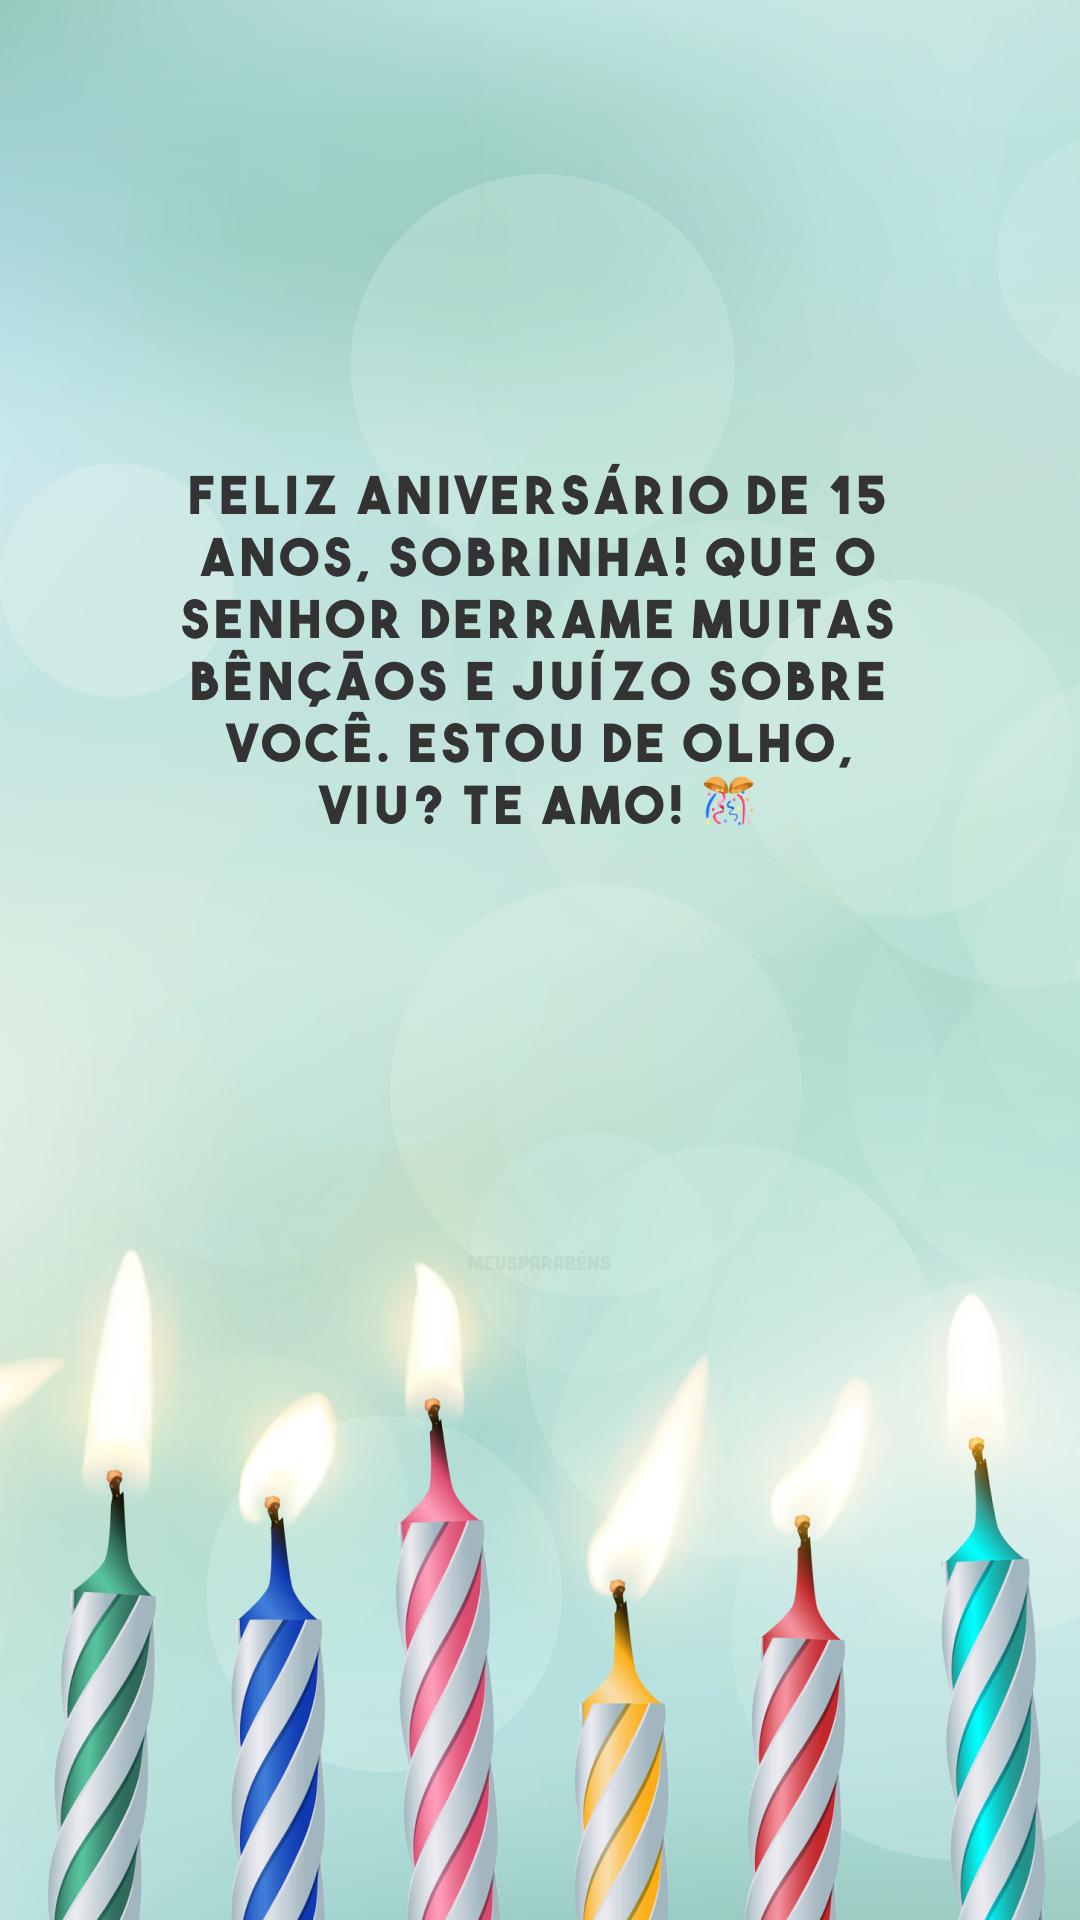 Feliz aniversário de 15 anos, sobrinha! Que o Senhor derrame muitas bênçãos e juízo sobre você. Estou de olho, viu? Te amo! 🎊